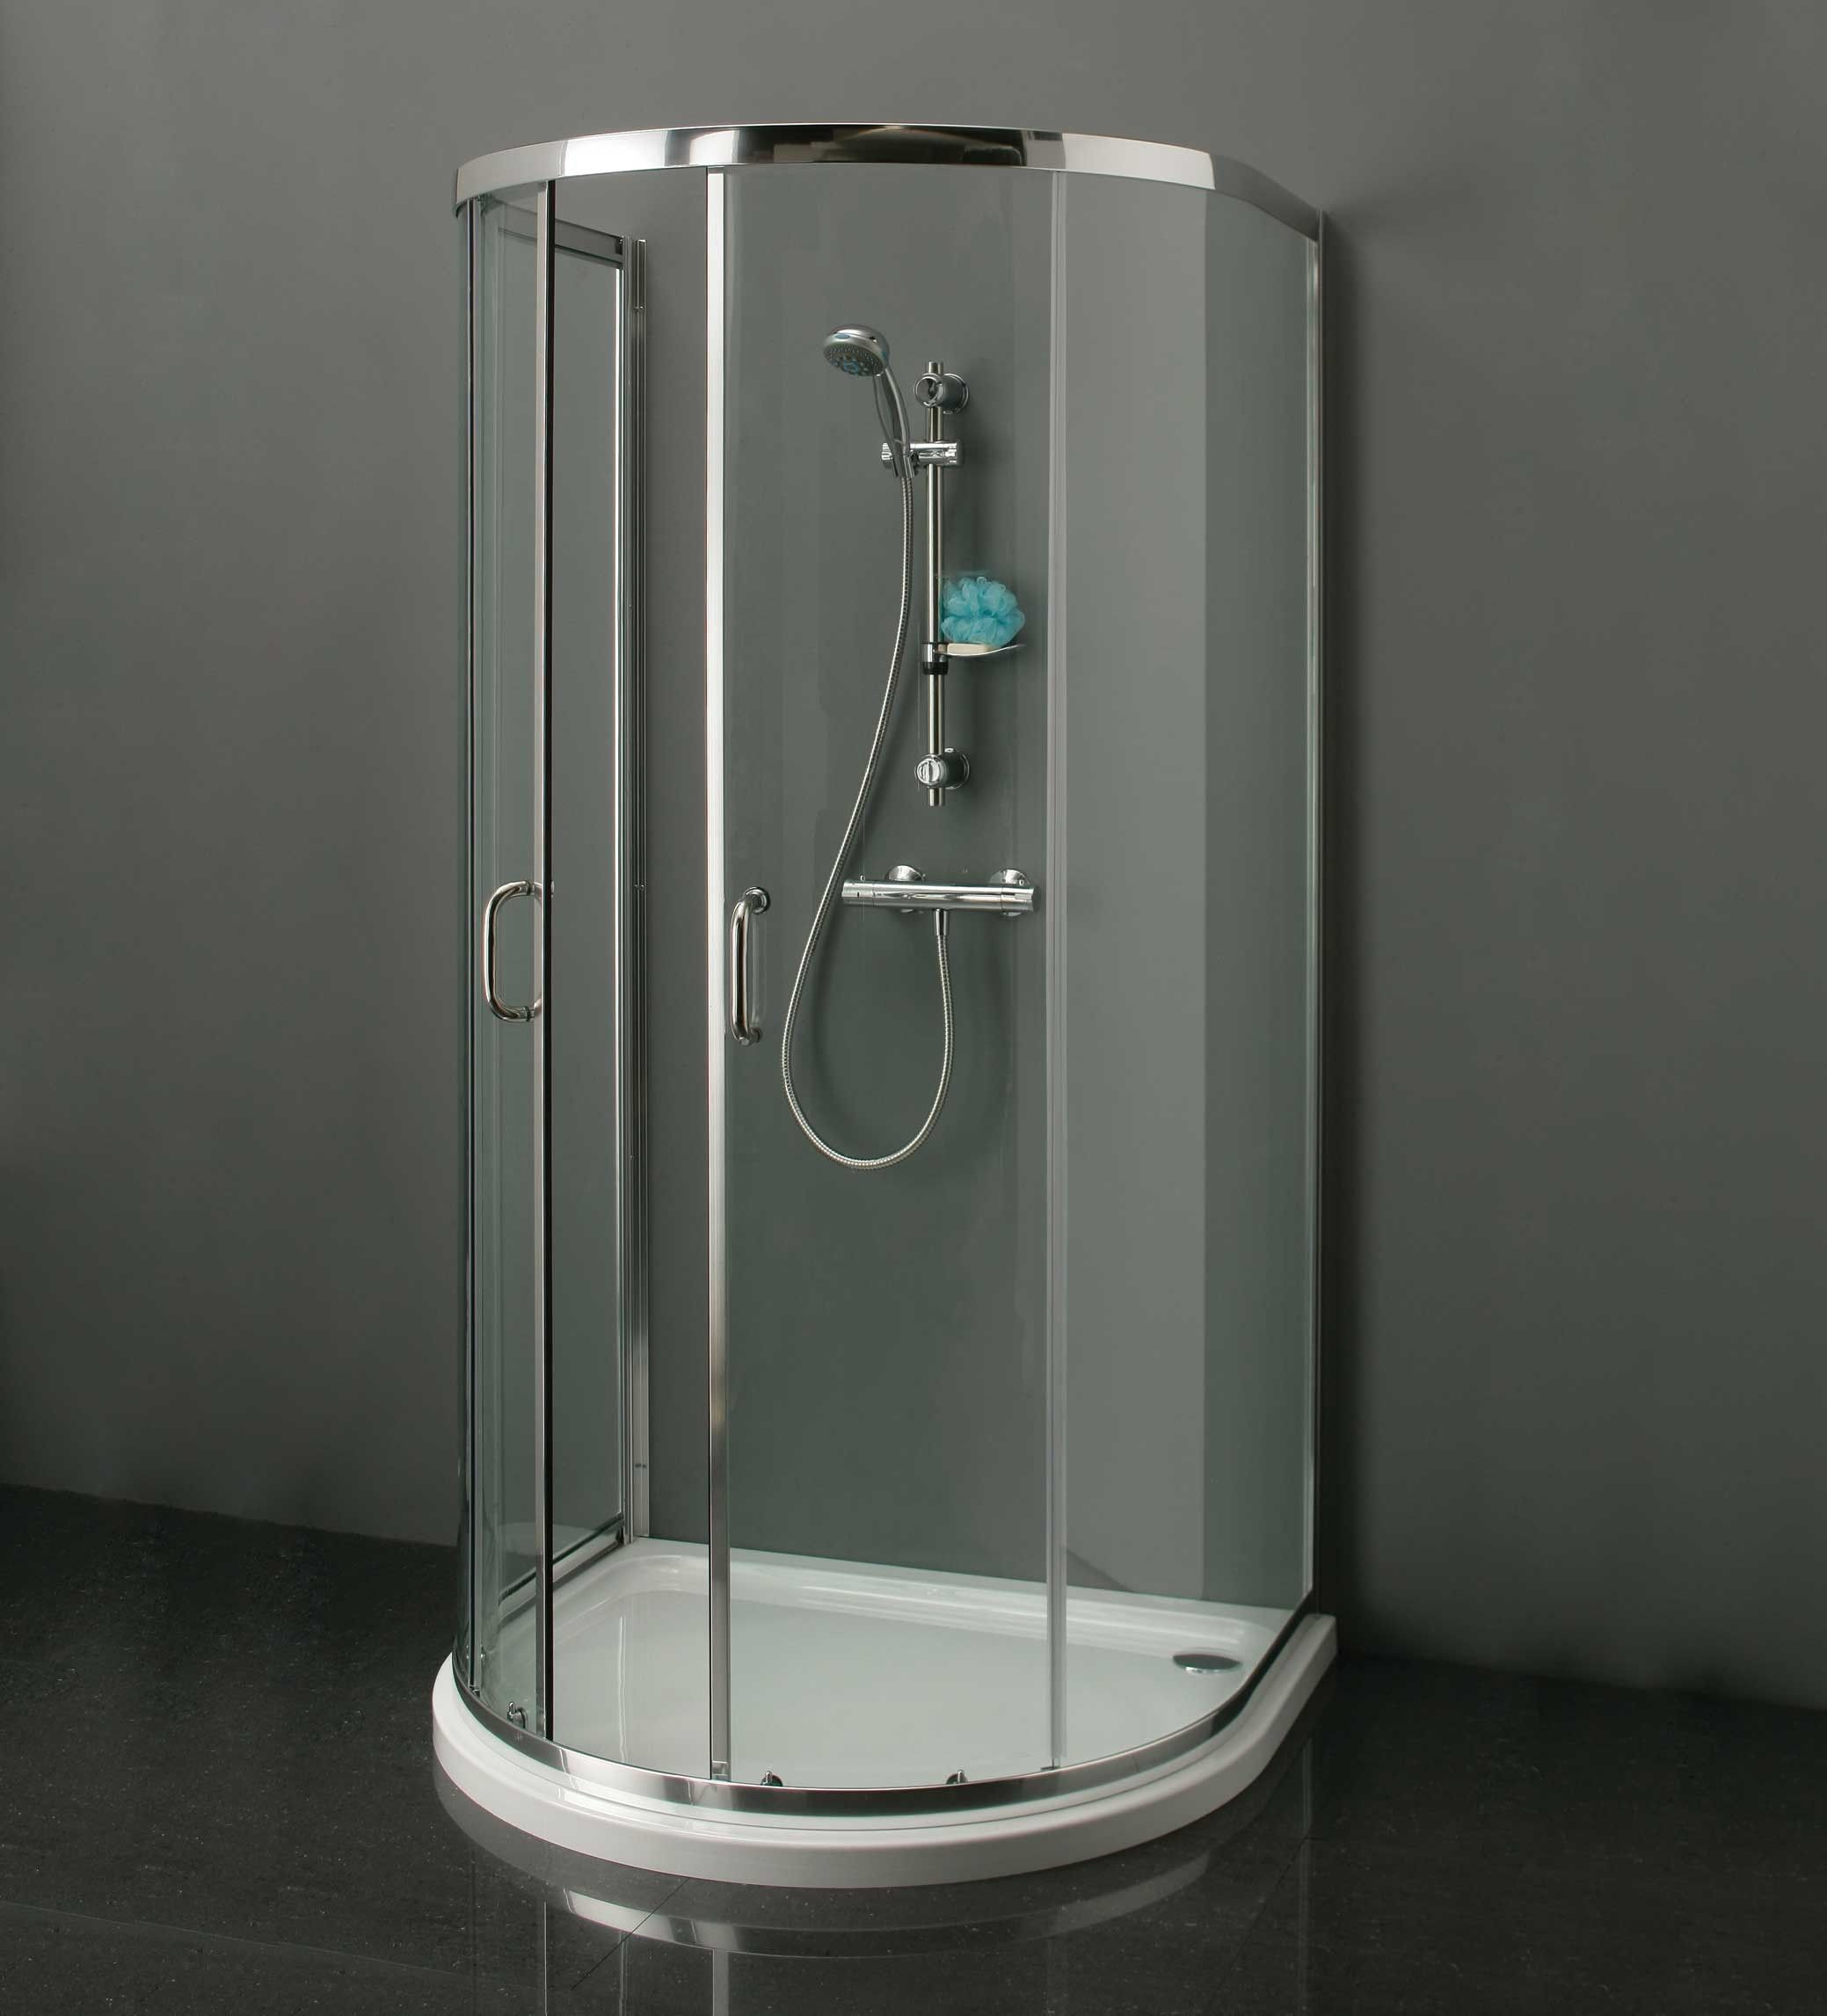 Technik D Shape Shower Enclosure 915mm X 1040mm 64500 6mm